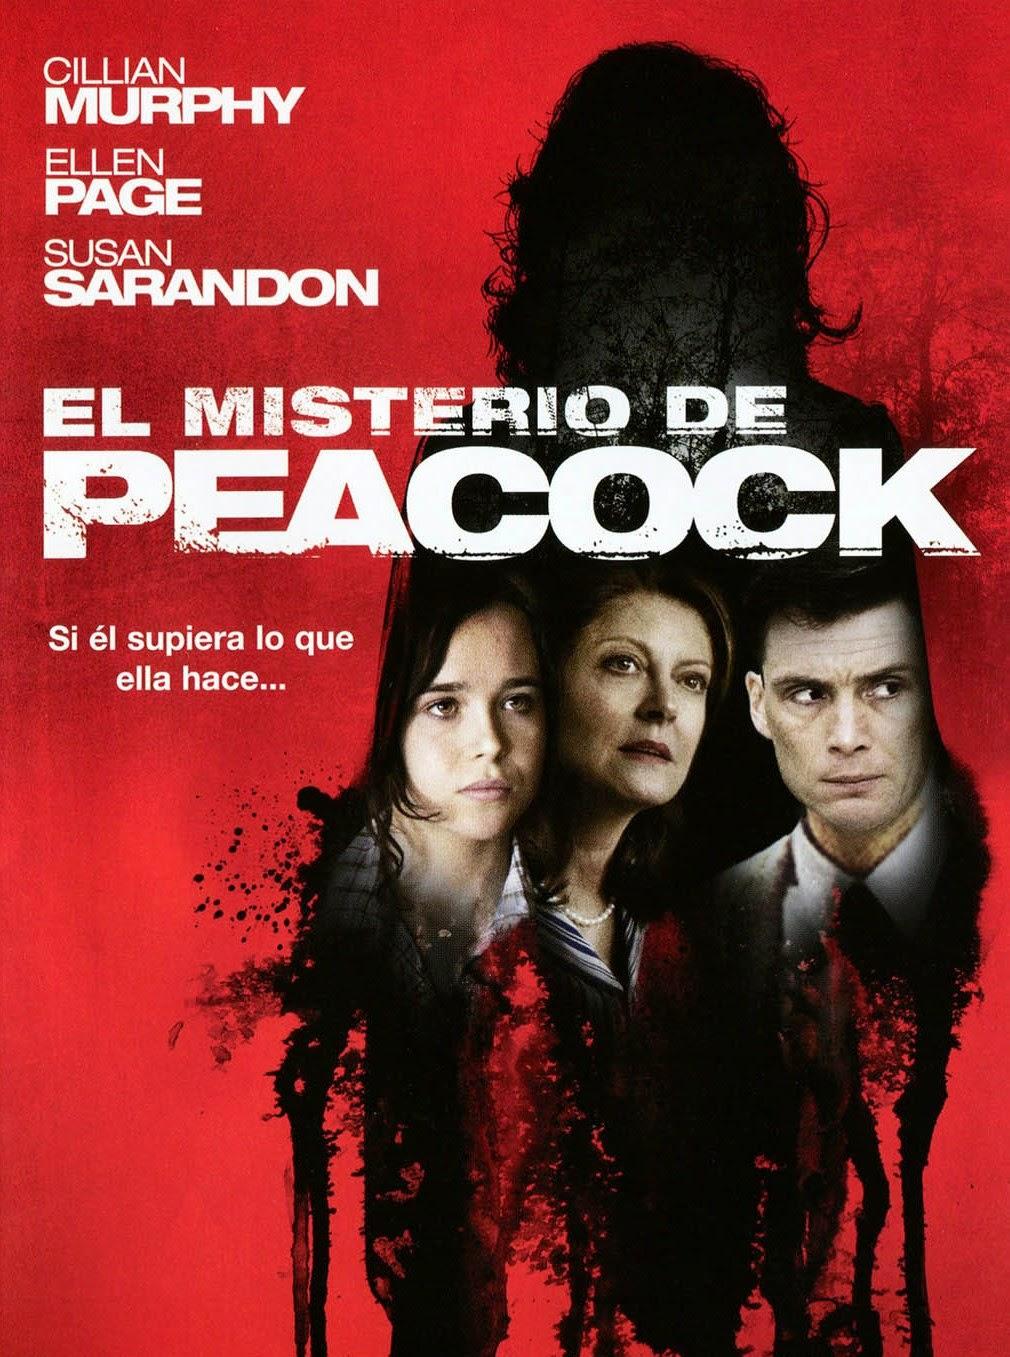 El misterio de Peacock (2010)